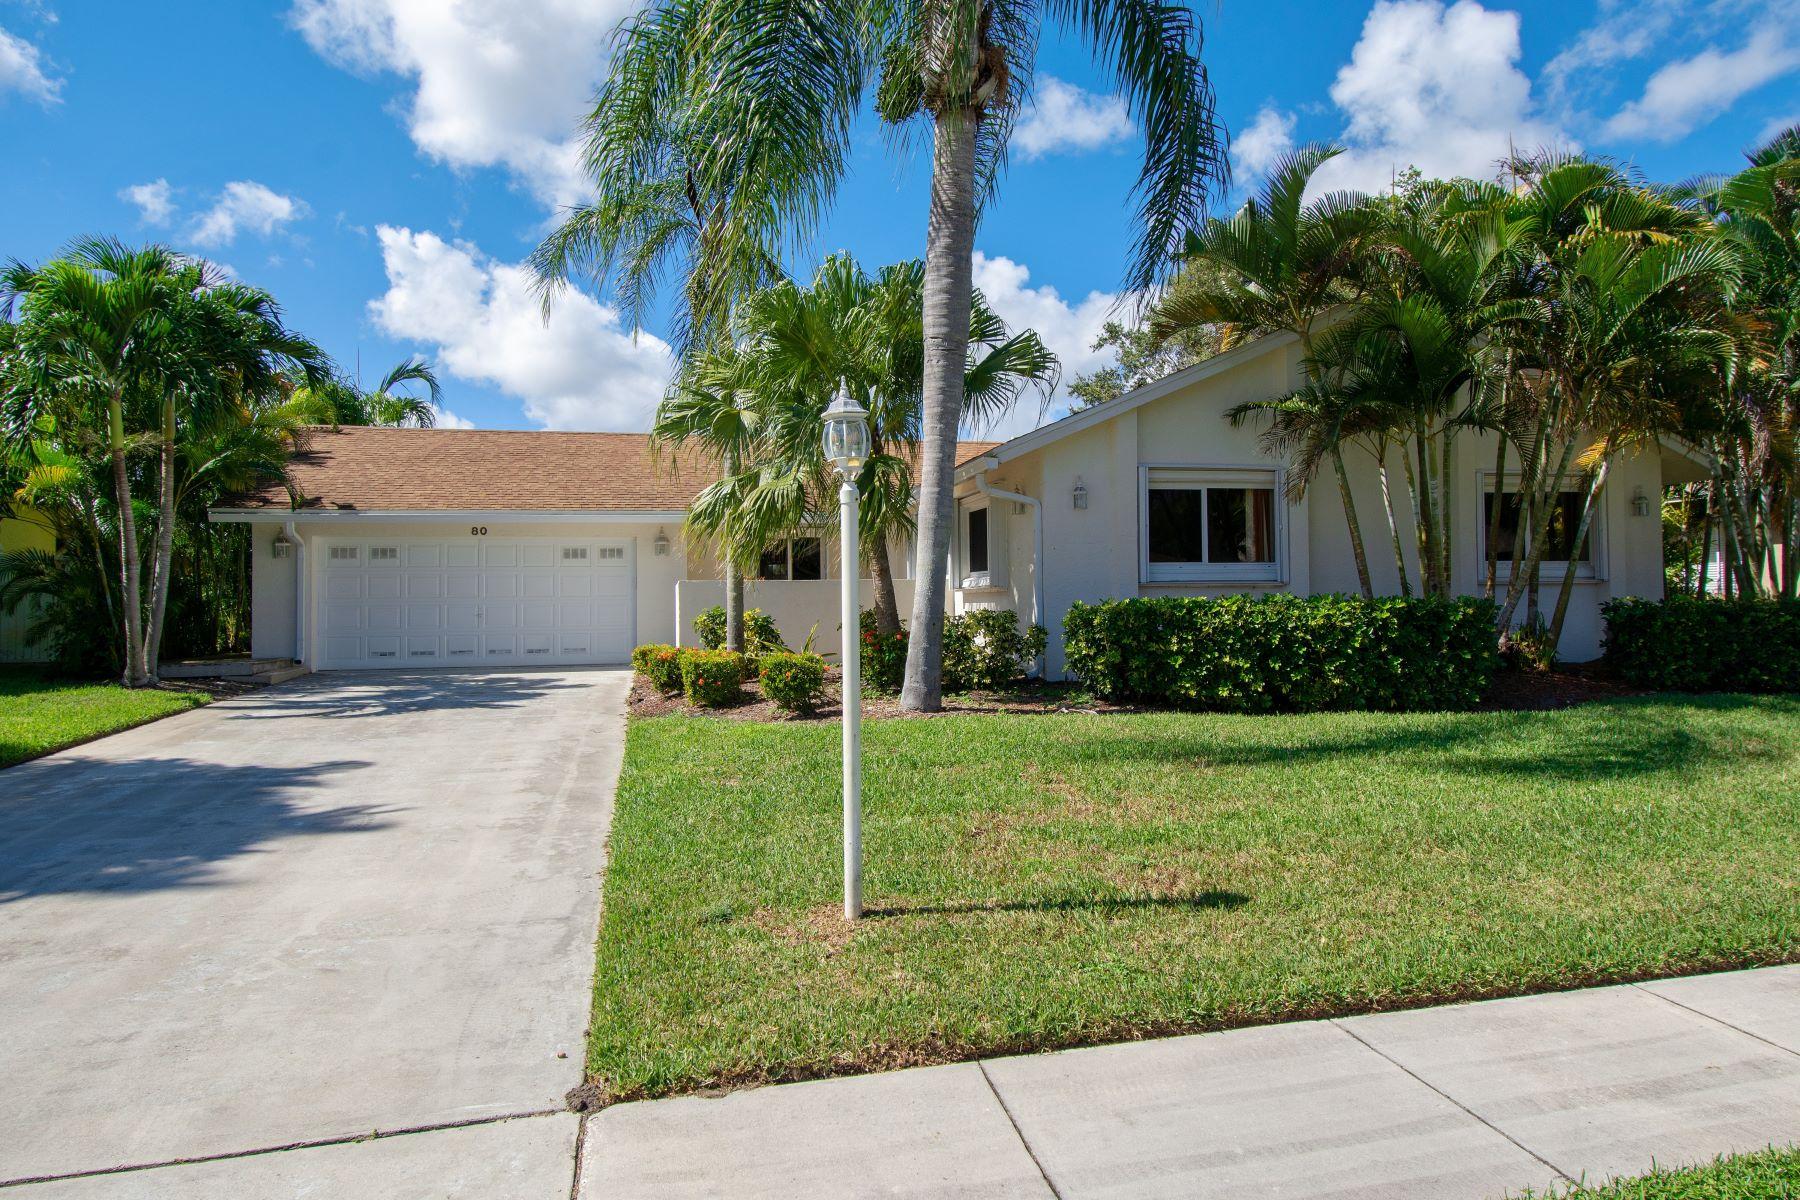 Частный односемейный дом для того Продажа на 80 Vista Del Rio 80 Vista Del Rio Boynton Beach, Флорида 33426 Соединенные Штаты